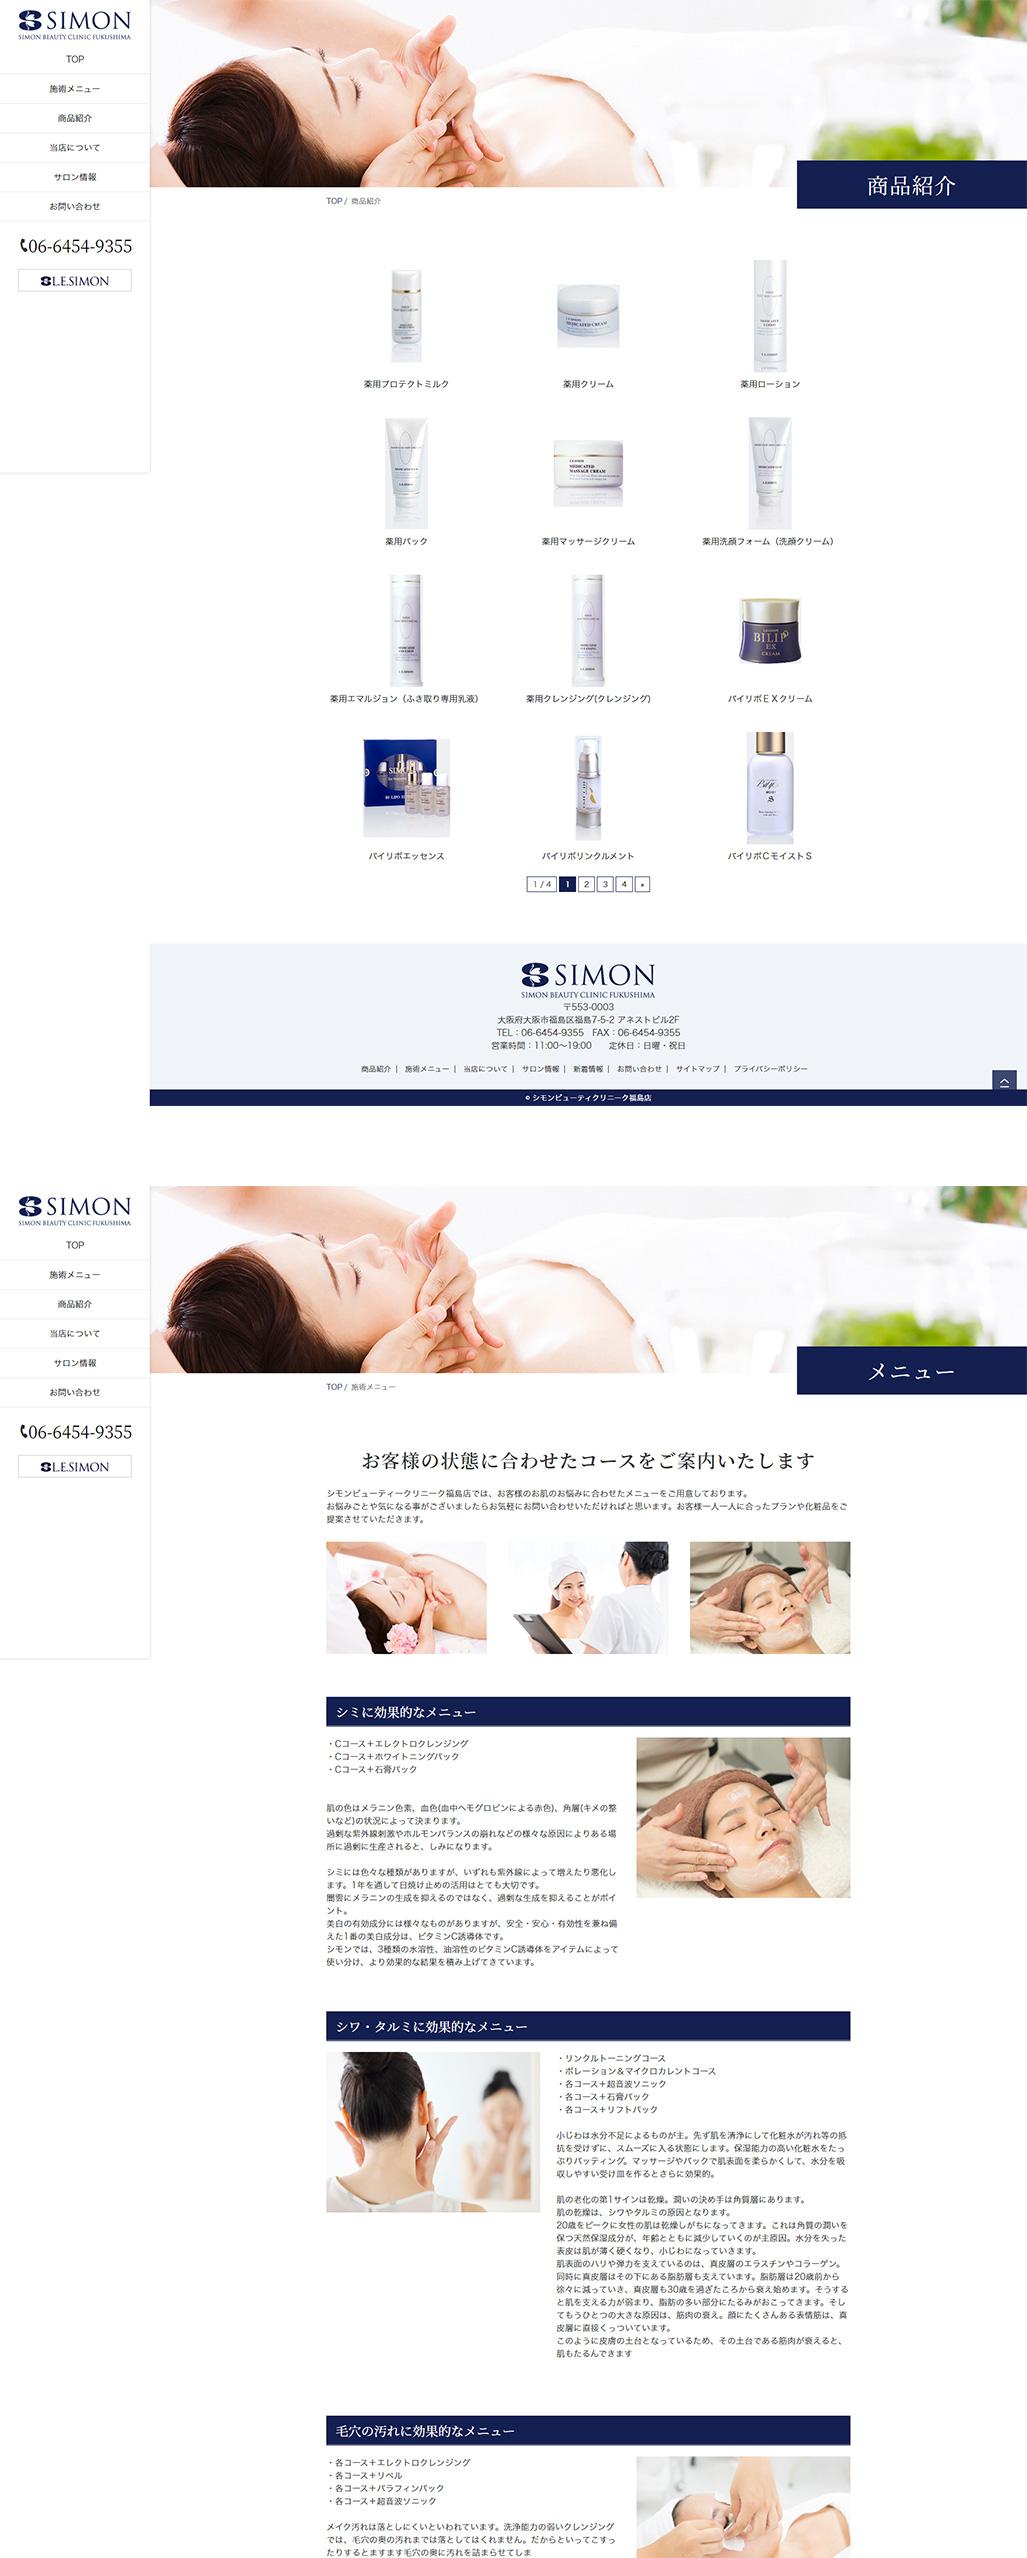 シモンビューティクリニーク福島店PC画像2